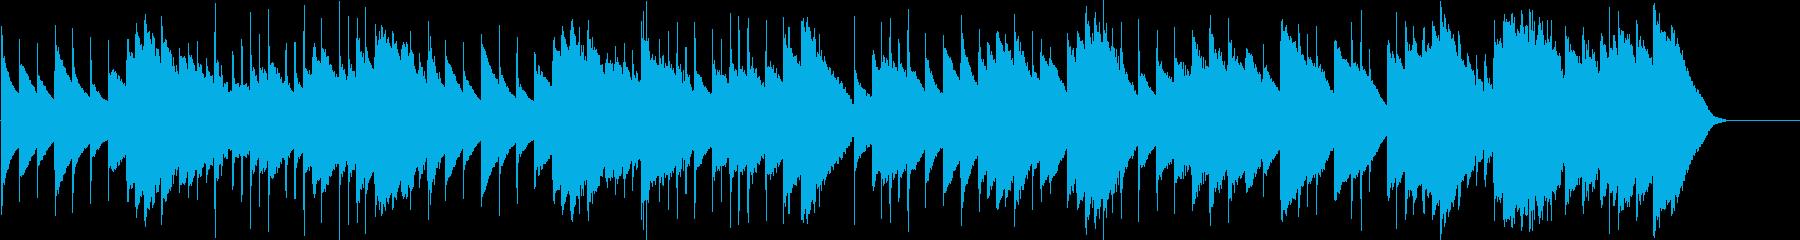 メヌエット ト短調(オルゴール)の再生済みの波形